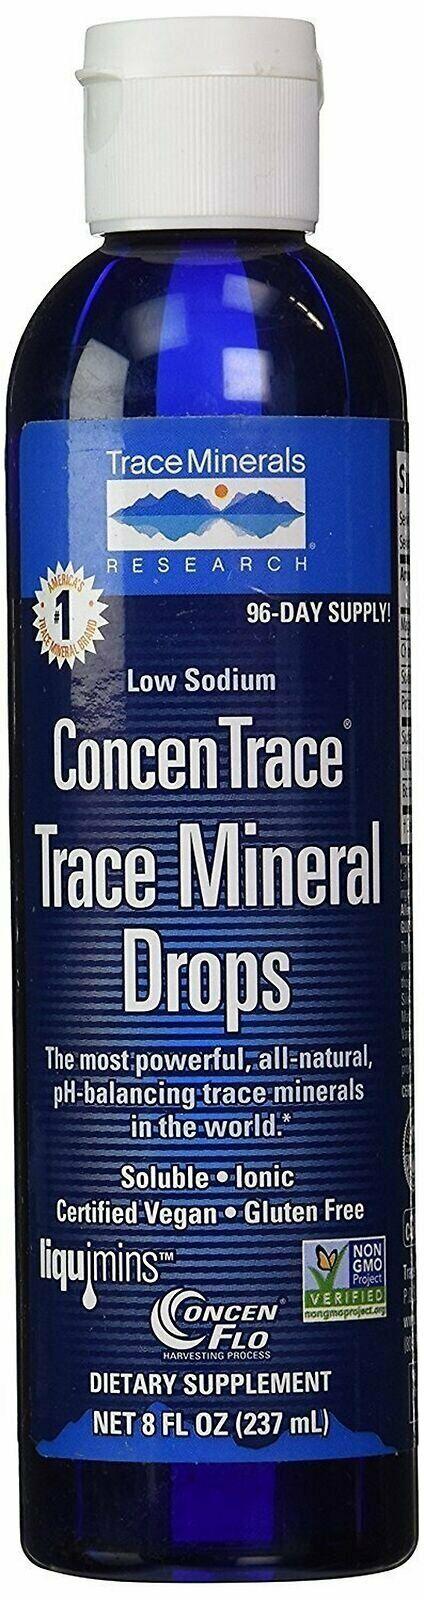 Trace Minerals Research - Concentrace Trace Mineral Drops, 8 fl oz liquid (Pa... 1